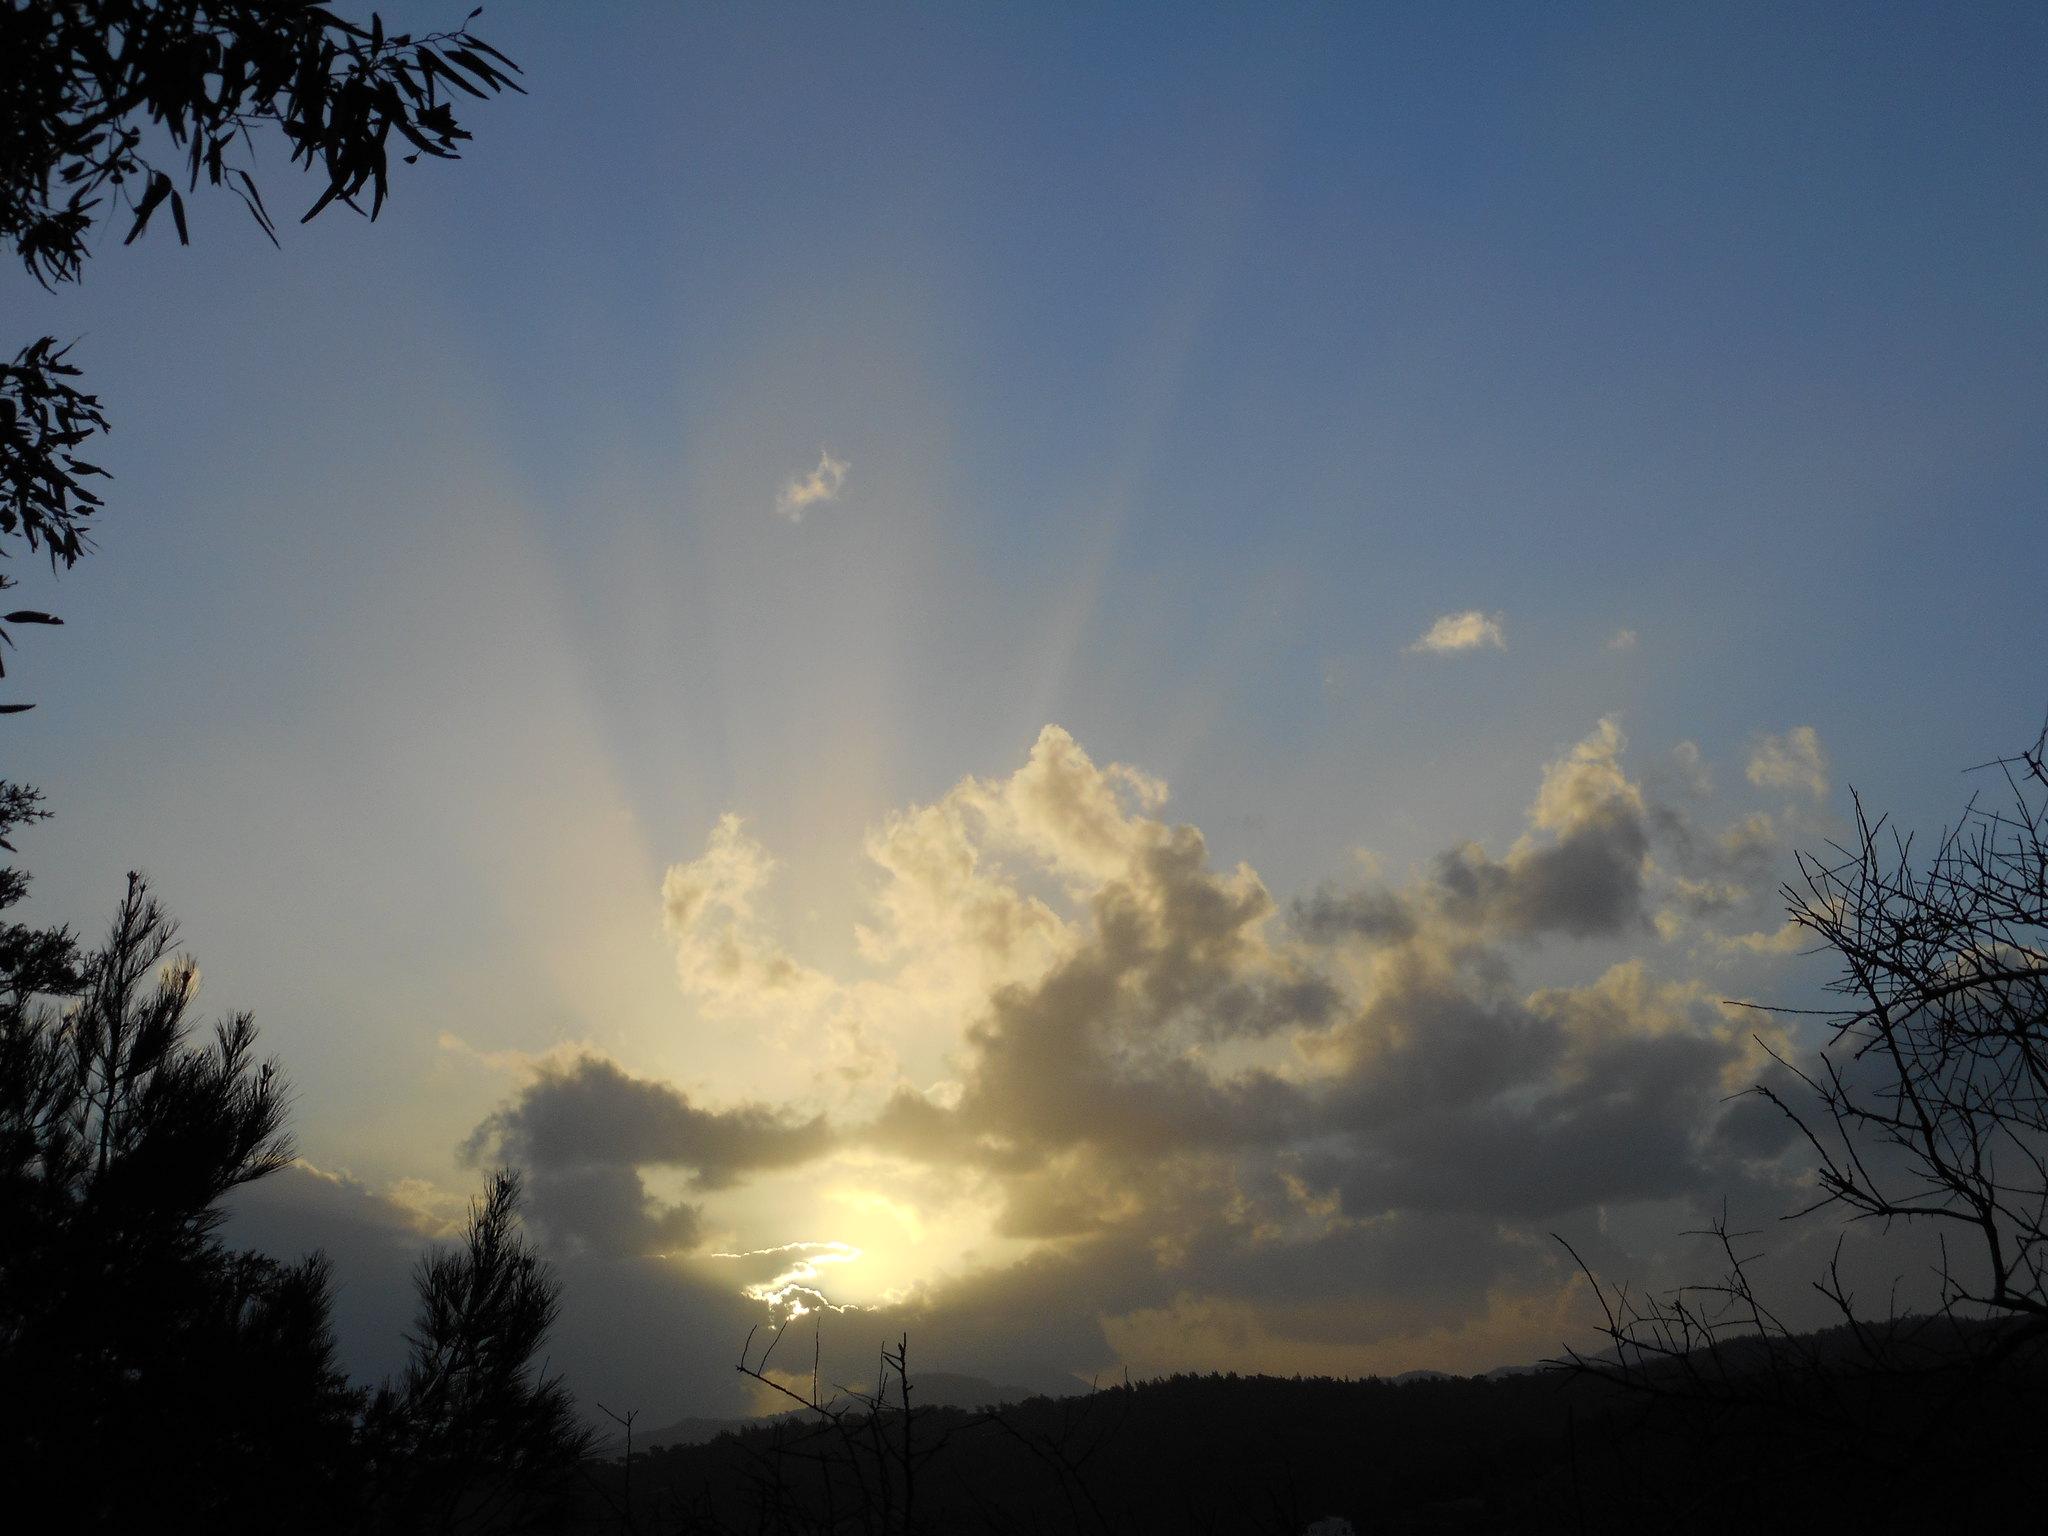 Ψίνθος 2014 - Τελευταίες μέρες του χρόνου